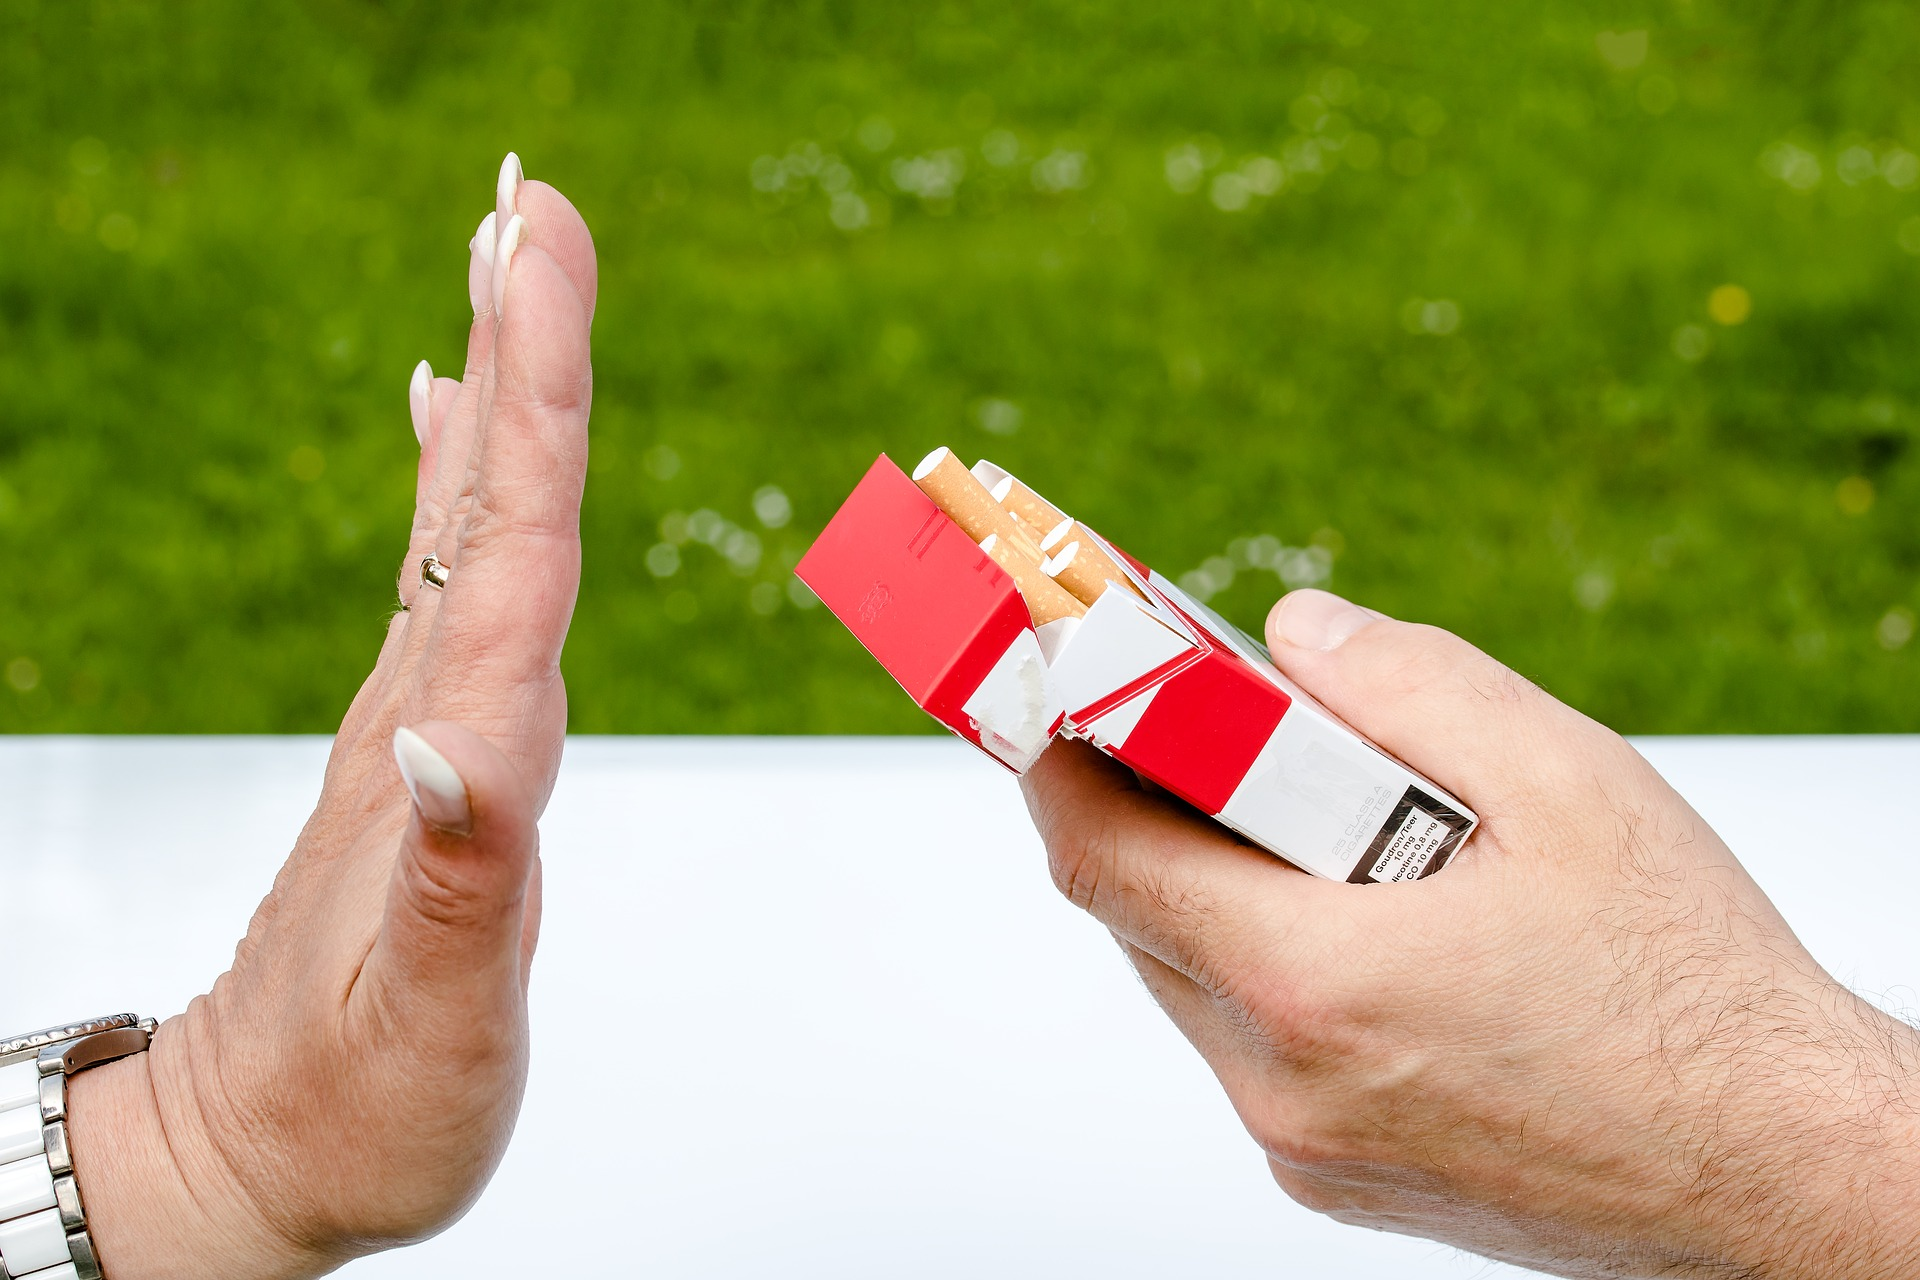 como-afecta-el-tabaco-a-los-dientes-clinica-dental-en-elche-gustavo-garcia-del-rio